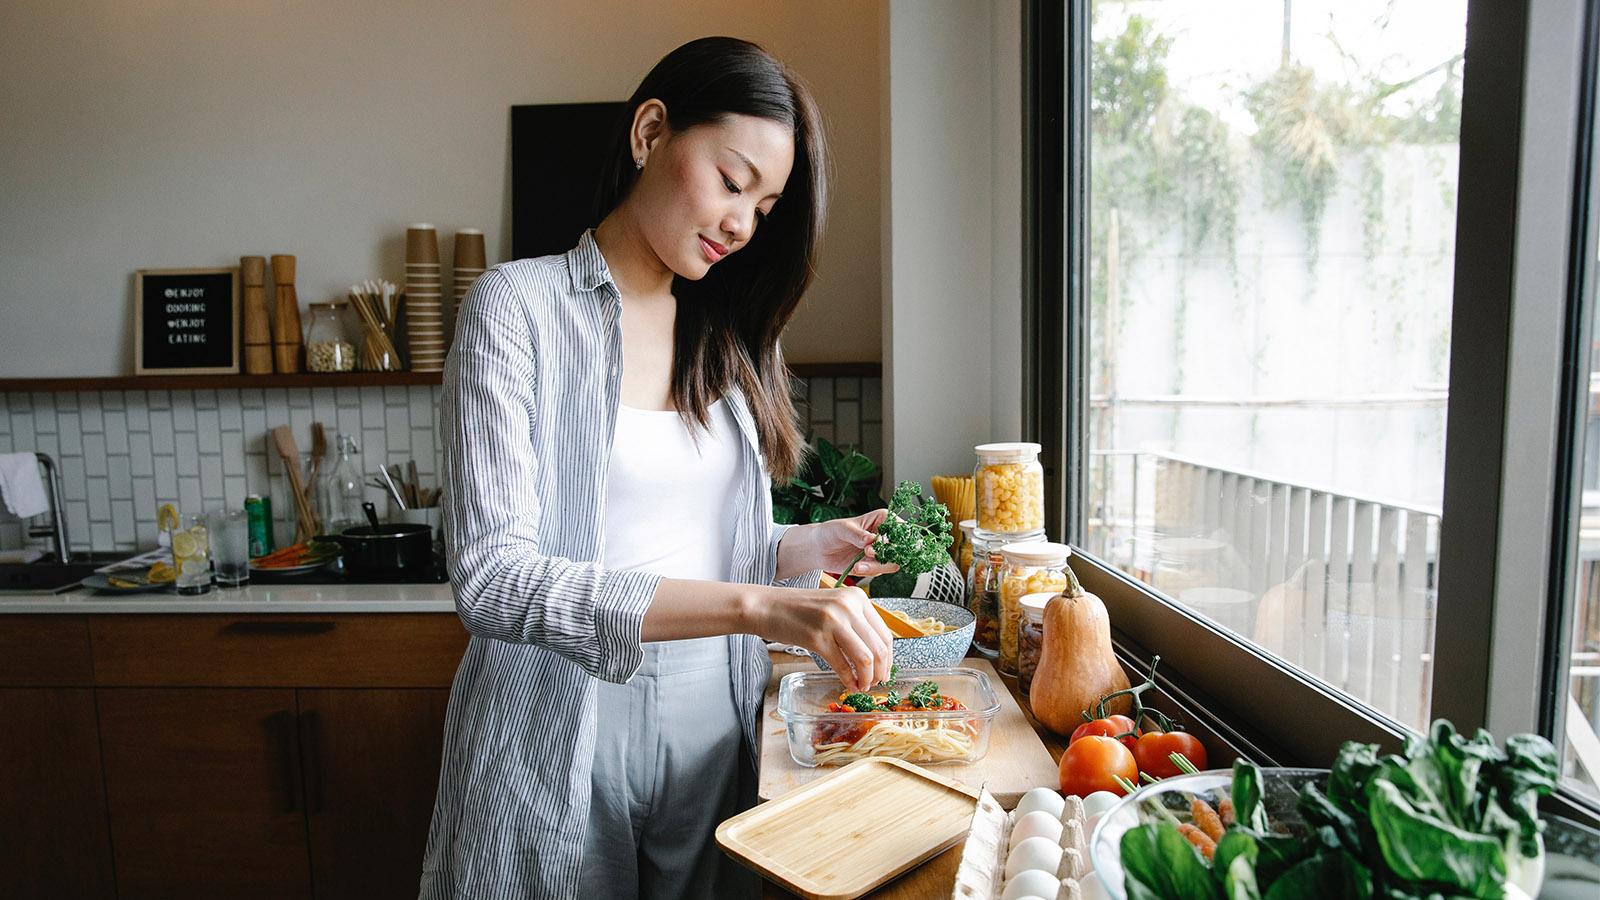 Tiết kiệm chi phí sinh hoạt bằng cách tự nấu ăn hằng ngày